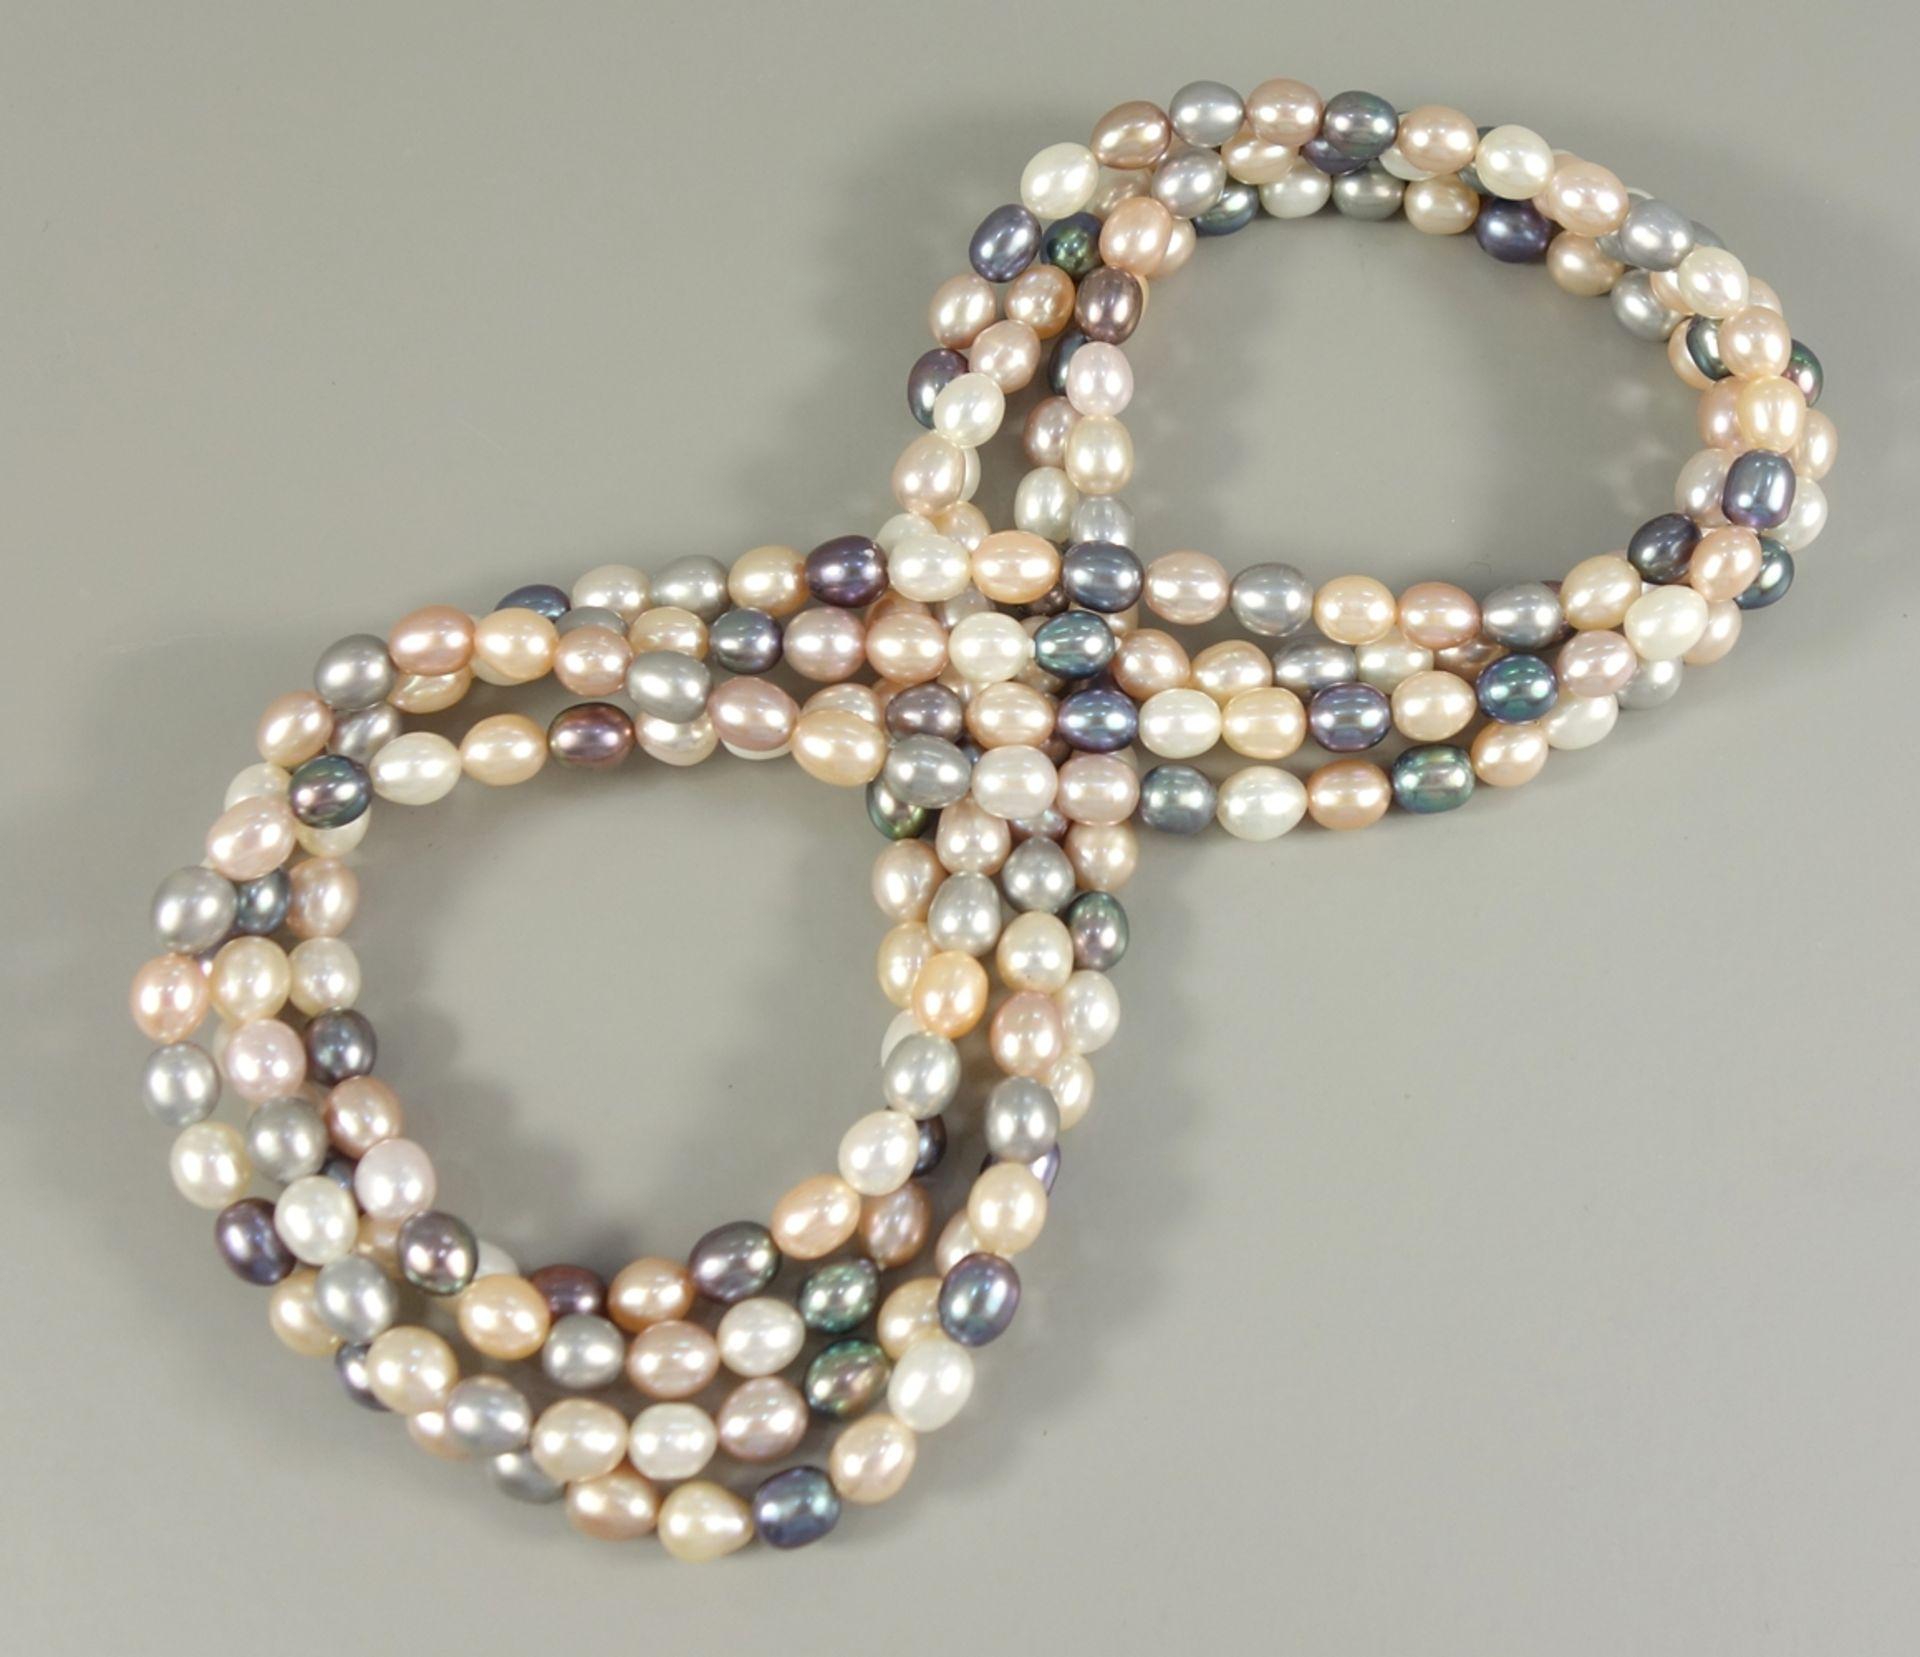 lange Perlenkette mit ovalen Perlen, mehrfarbig, L.175cm, ca.230 Perlen, silbergrau, creme und